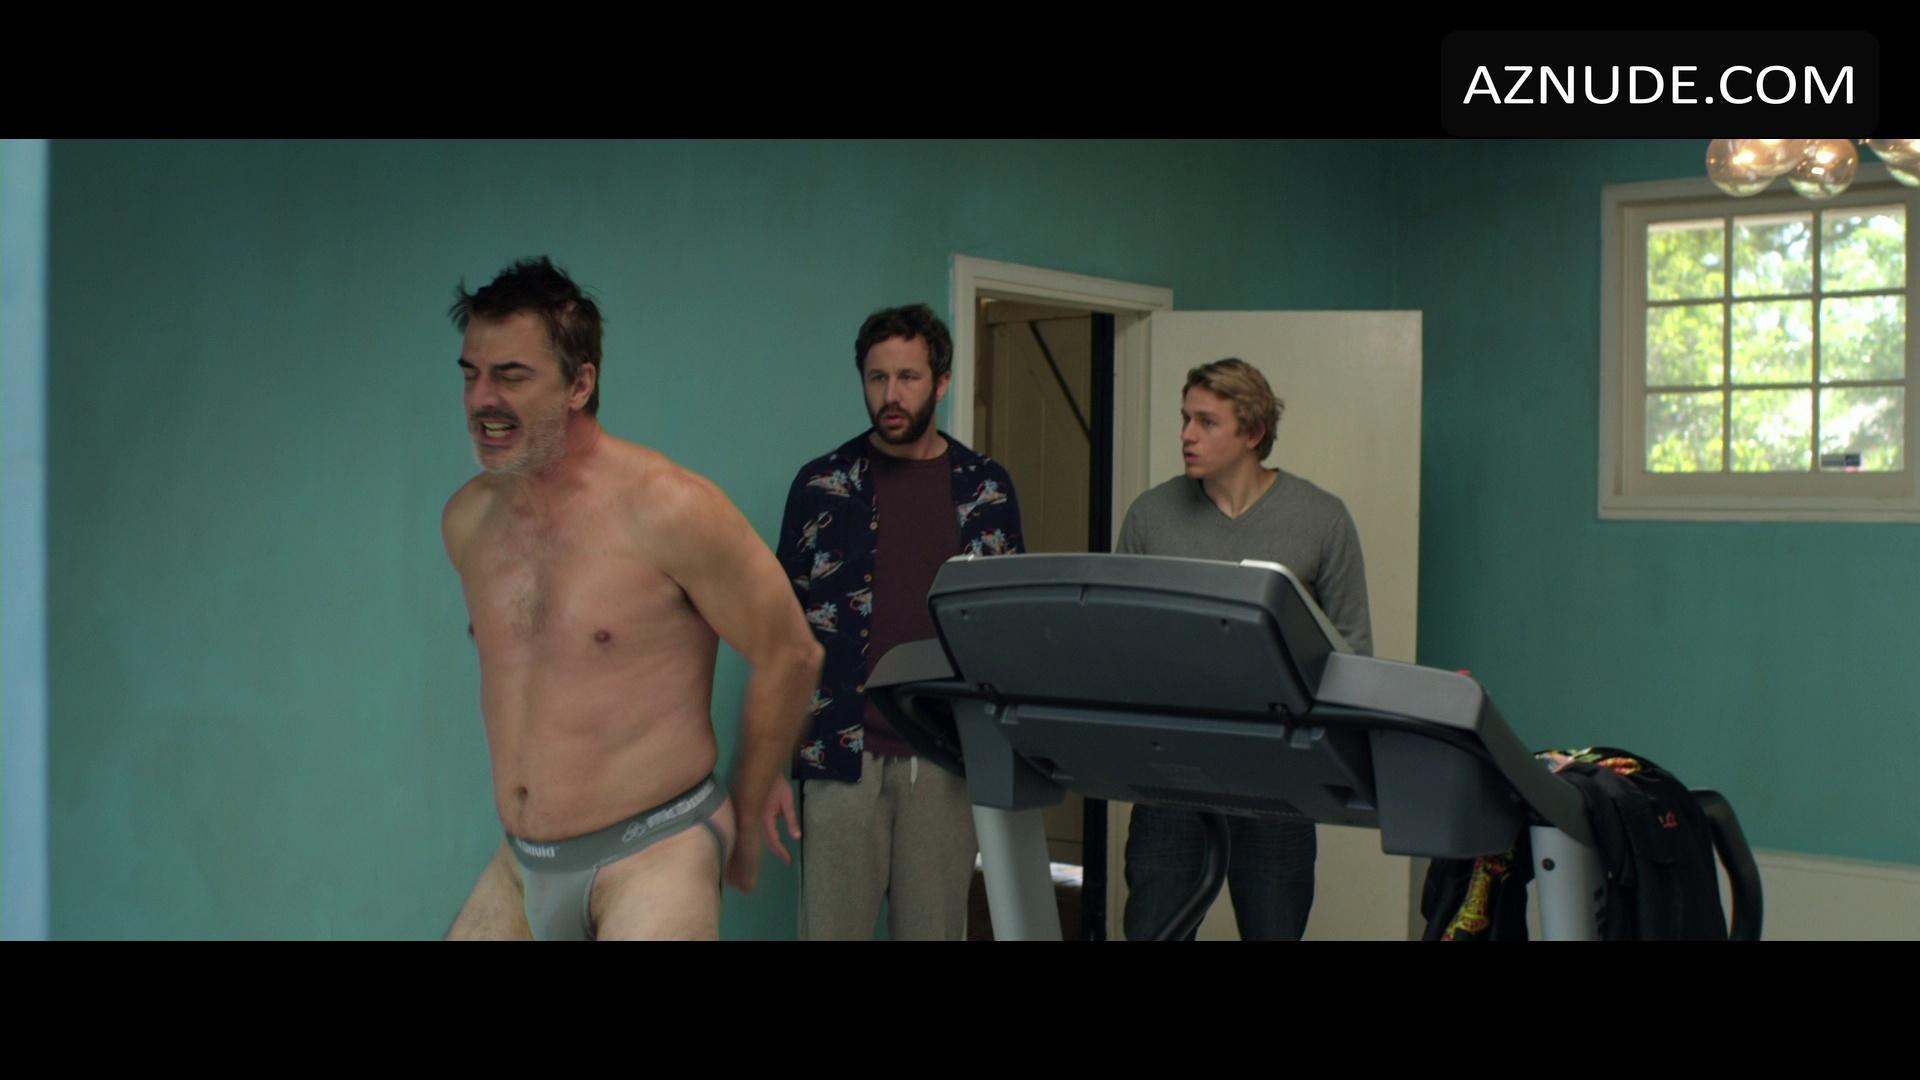 CHRIS NOTH Nude  AZNude Men